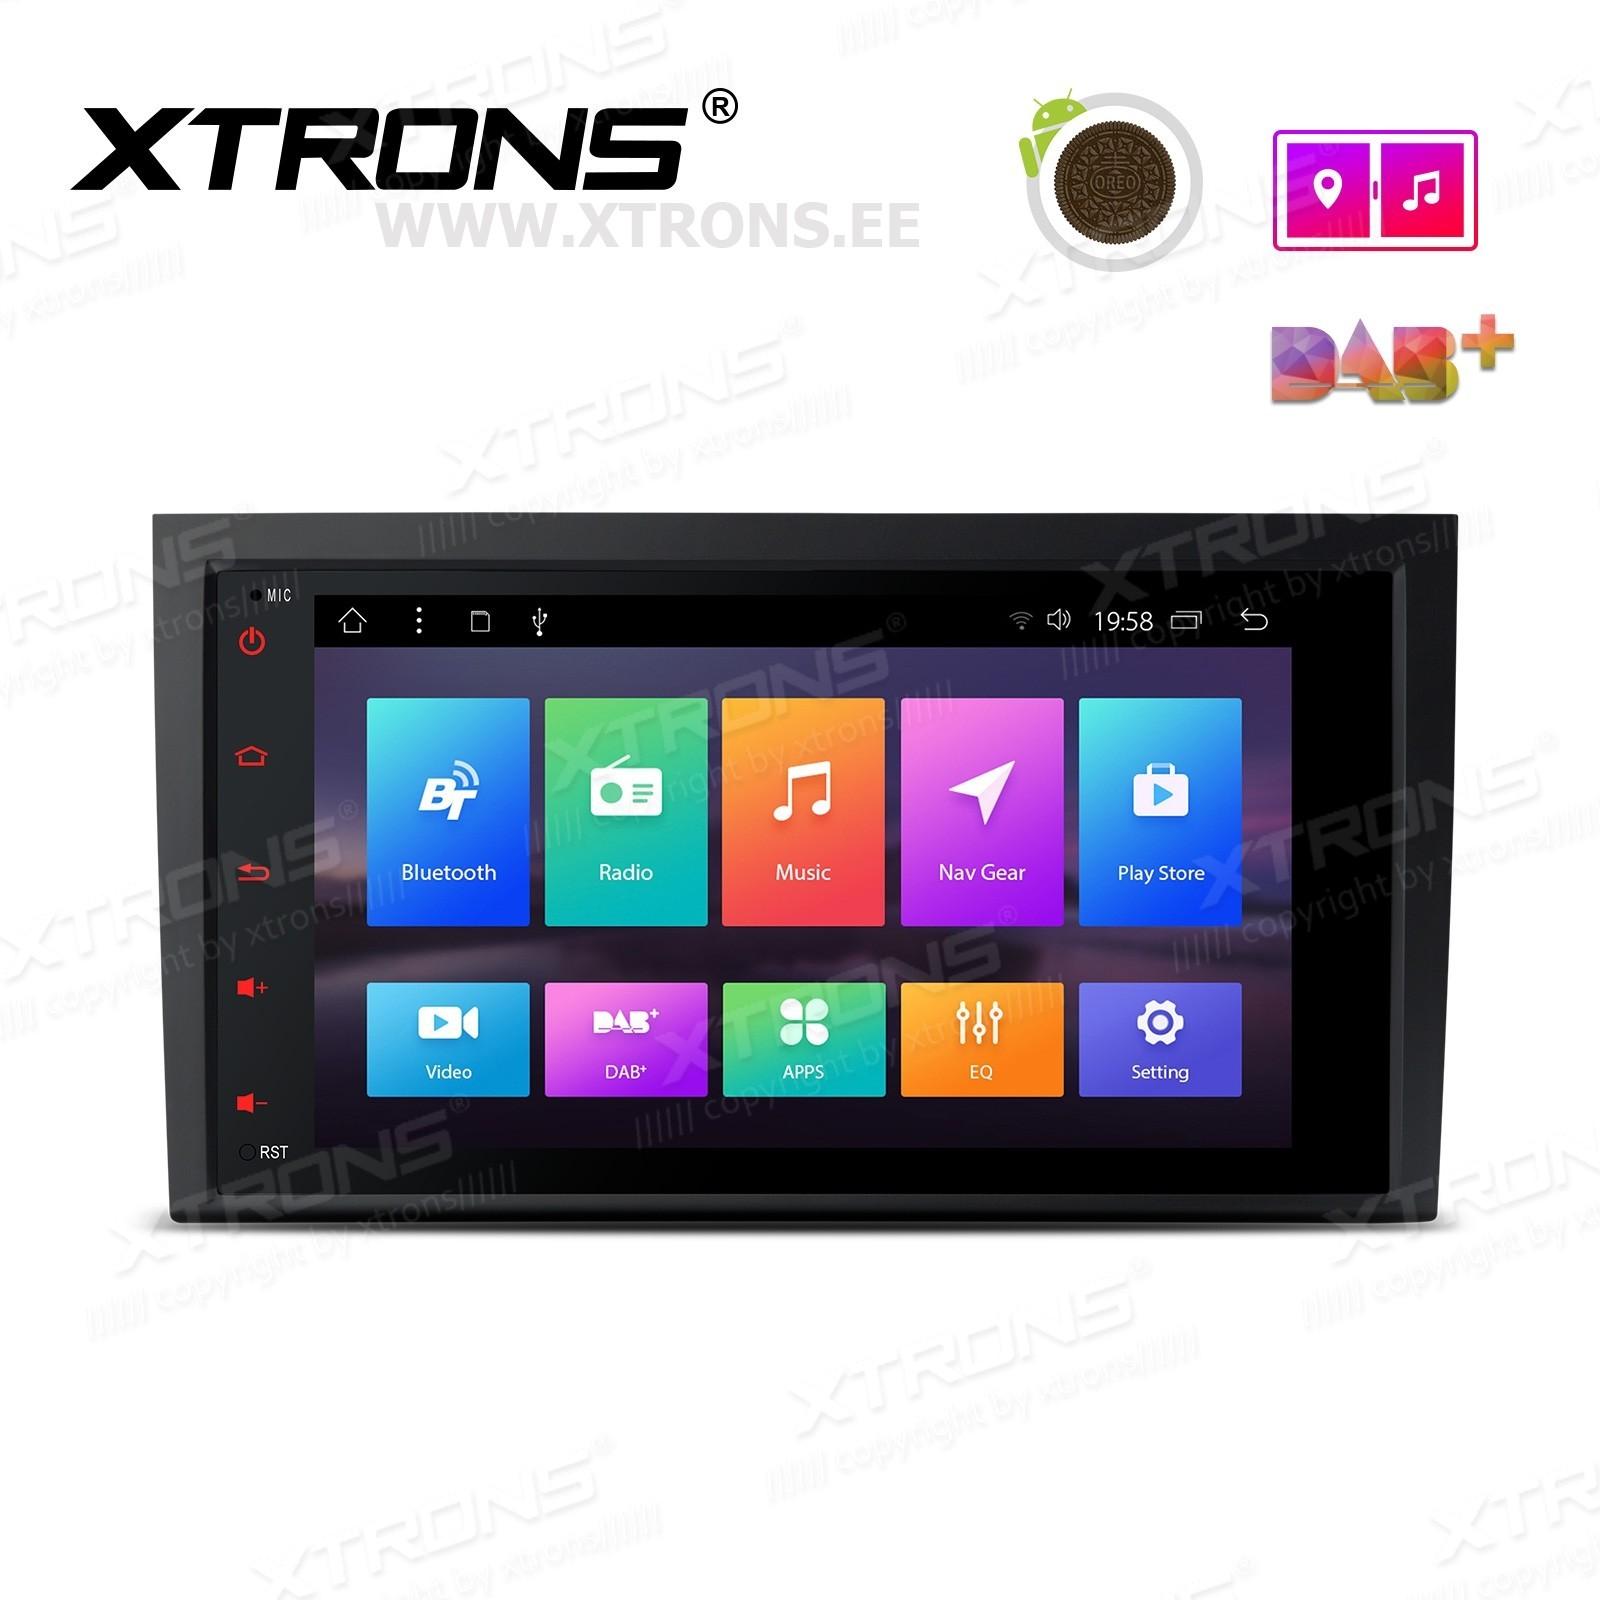 XTRONS PR88A4AL